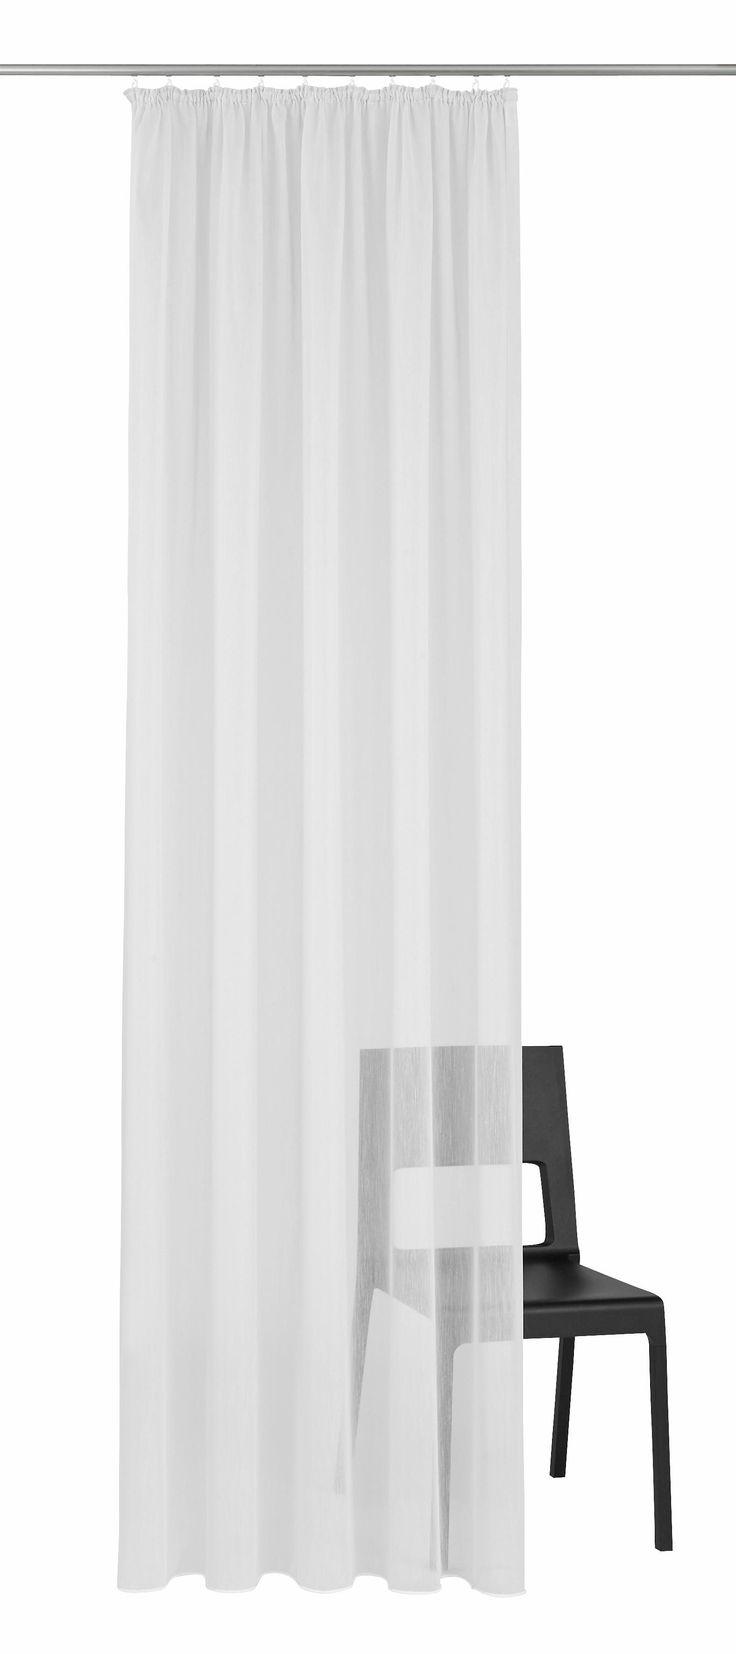 Gardine, ADO Goldkante, »Sieto«, mit Kräuselband (1 Stück) Jetzt bestellen unter: https://moebel.ladendirekt.de/heimtextilien/gardinen-und-vorhaenge/gardinen/?uid=158fed4c-8f77-5db6-8286-507ebfe72879&utm_source=pinterest&utm_medium=pin&utm_campaign=boards #möbel #heimtextilien #gardinen #vorhaenge #transparente #vorhänge